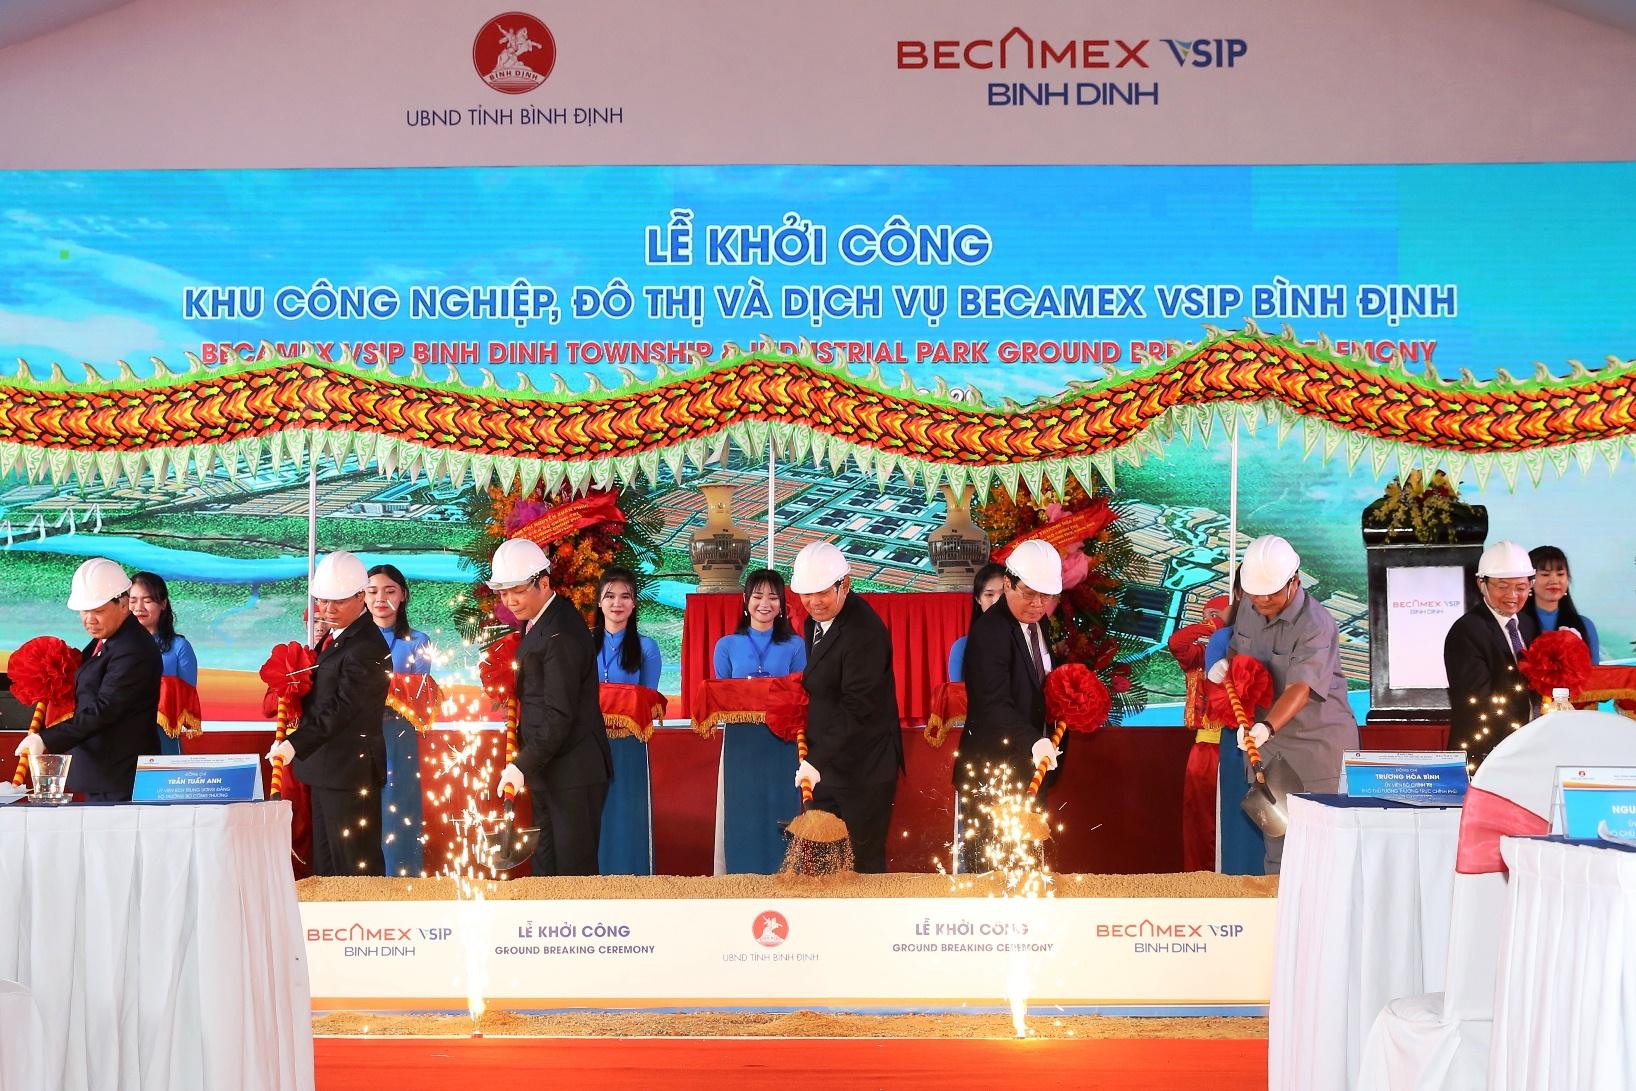 Khởi công KCN Becamex VSIP Bình Định với tổng vốn đầu tư trên 3.000 tỉ đồng - Ảnh 1.